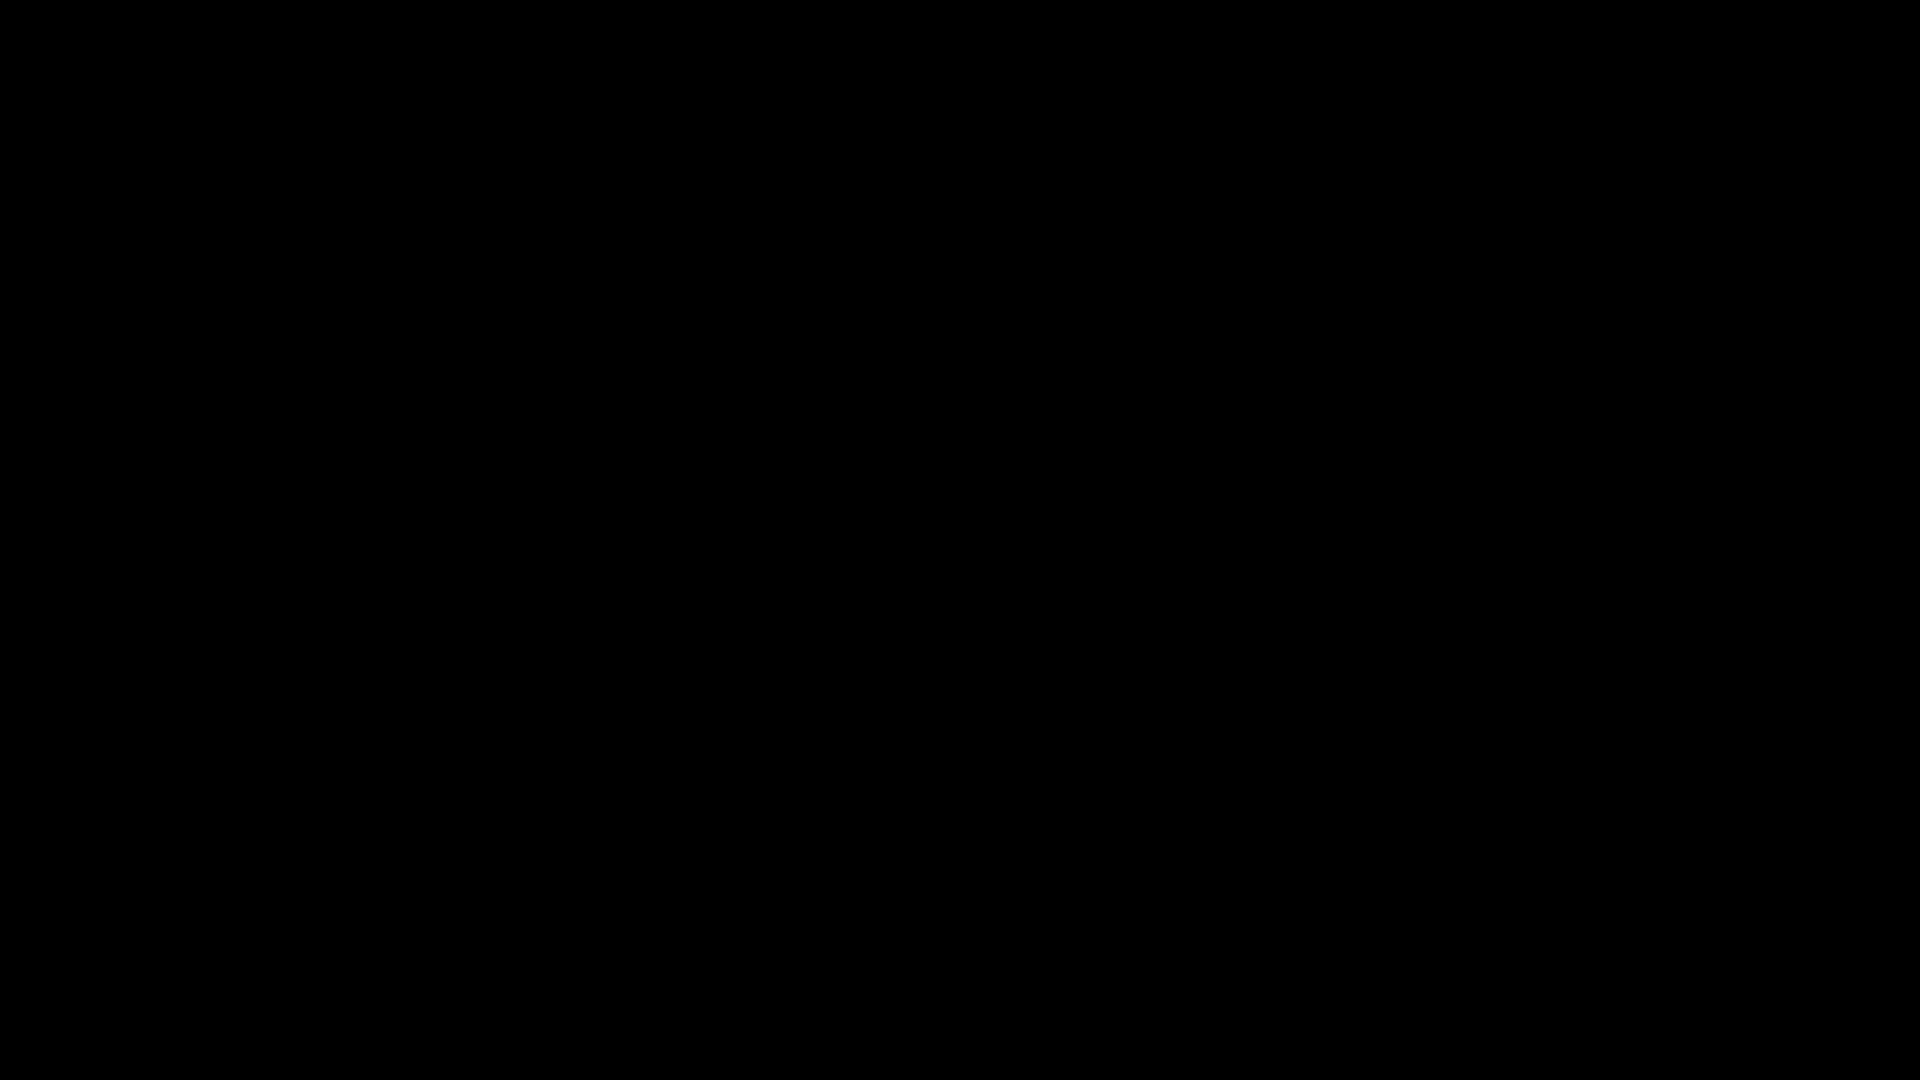 imageonline-co-invertedimage.png